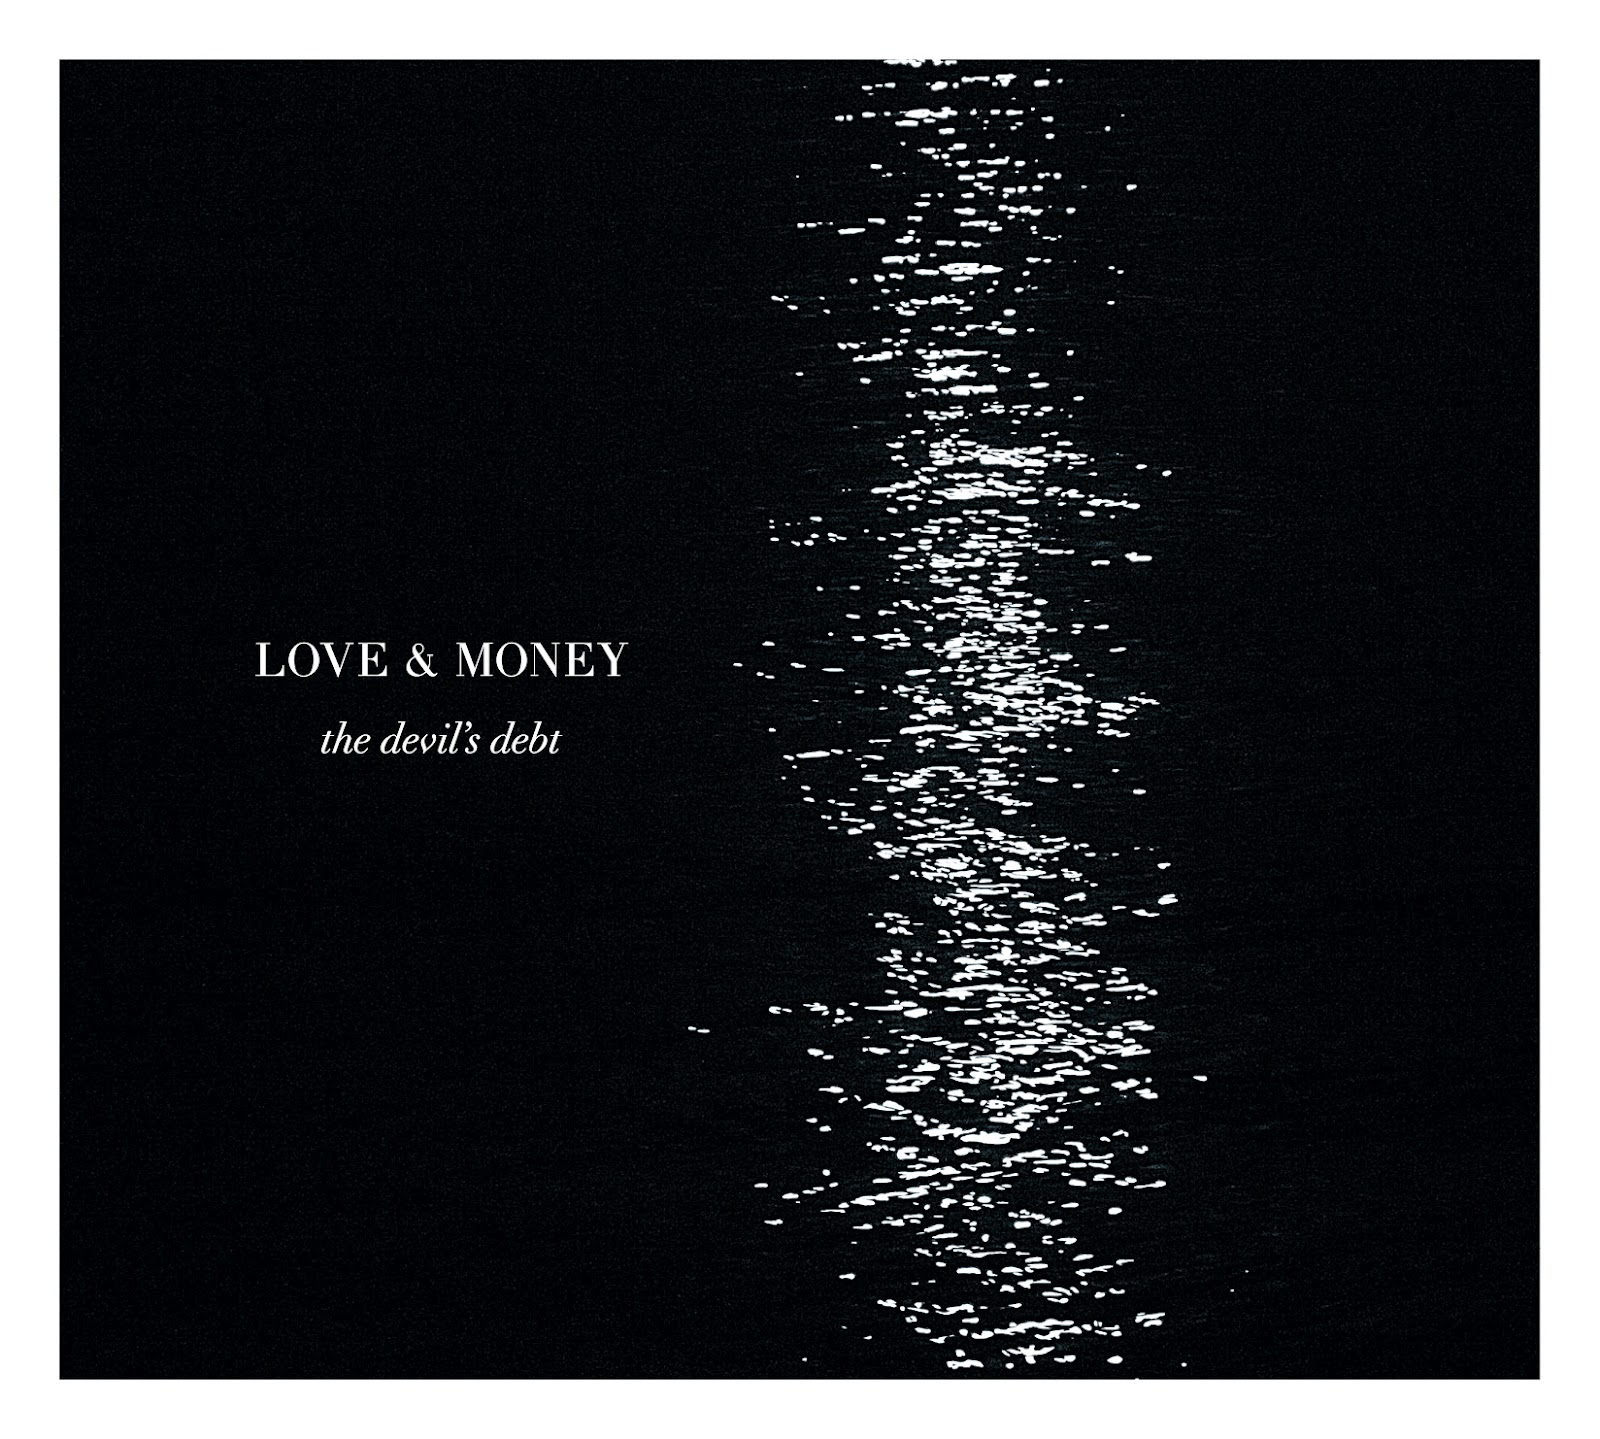 http://4.bp.blogspot.com/-n36vLVw7Fqk/UDZncbSxt-I/AAAAAAAAA9k/MsnGpKSK-us/s1600/The-Devils-Debt-Cover.jpg